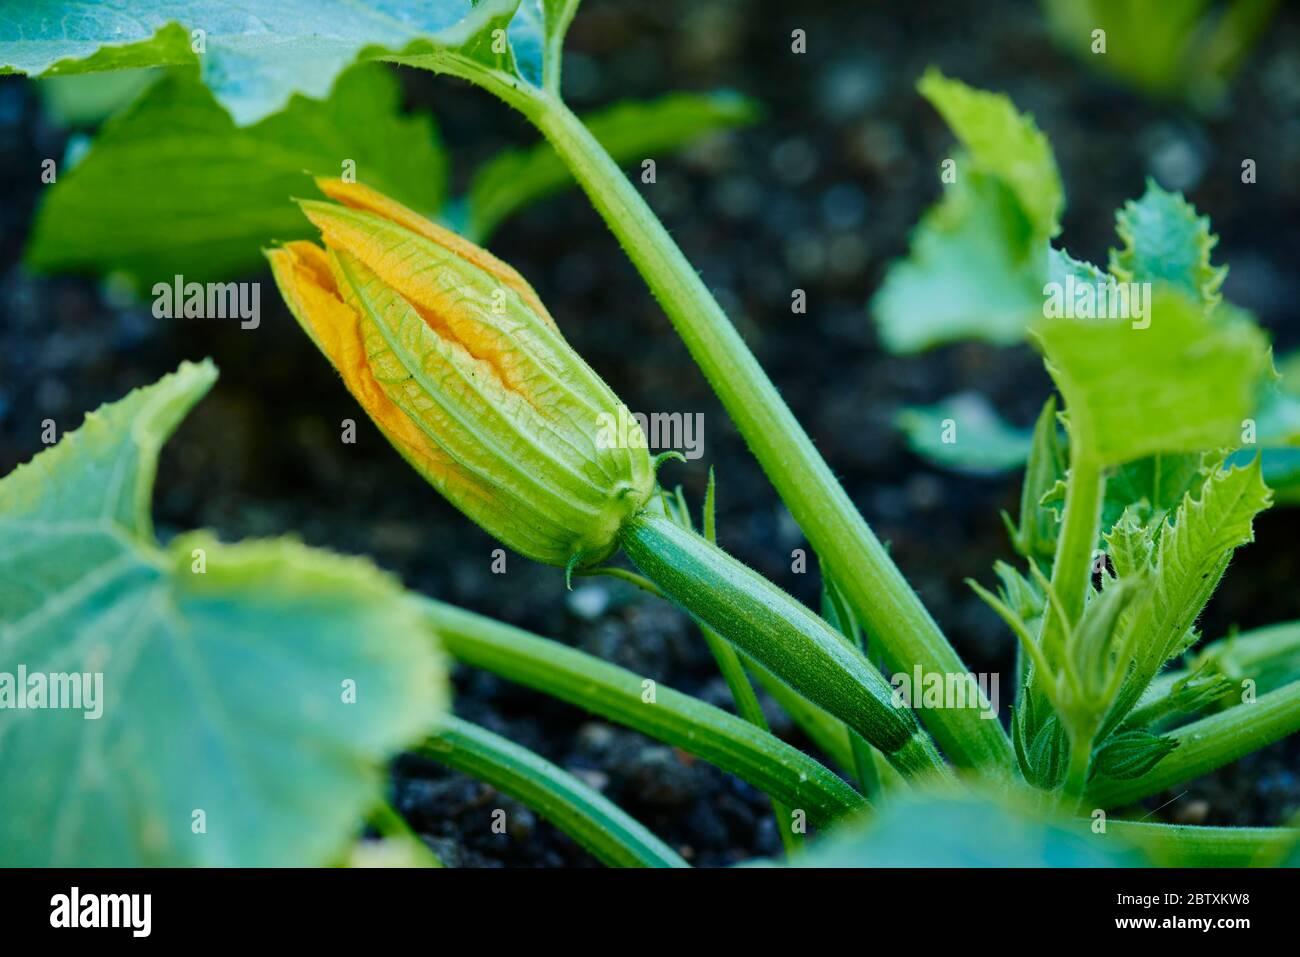 Courgette ou courgette fleurissent dans un jardin, Haut-Palatinat, Bavière, Allemagne, Europe Banque D'Images